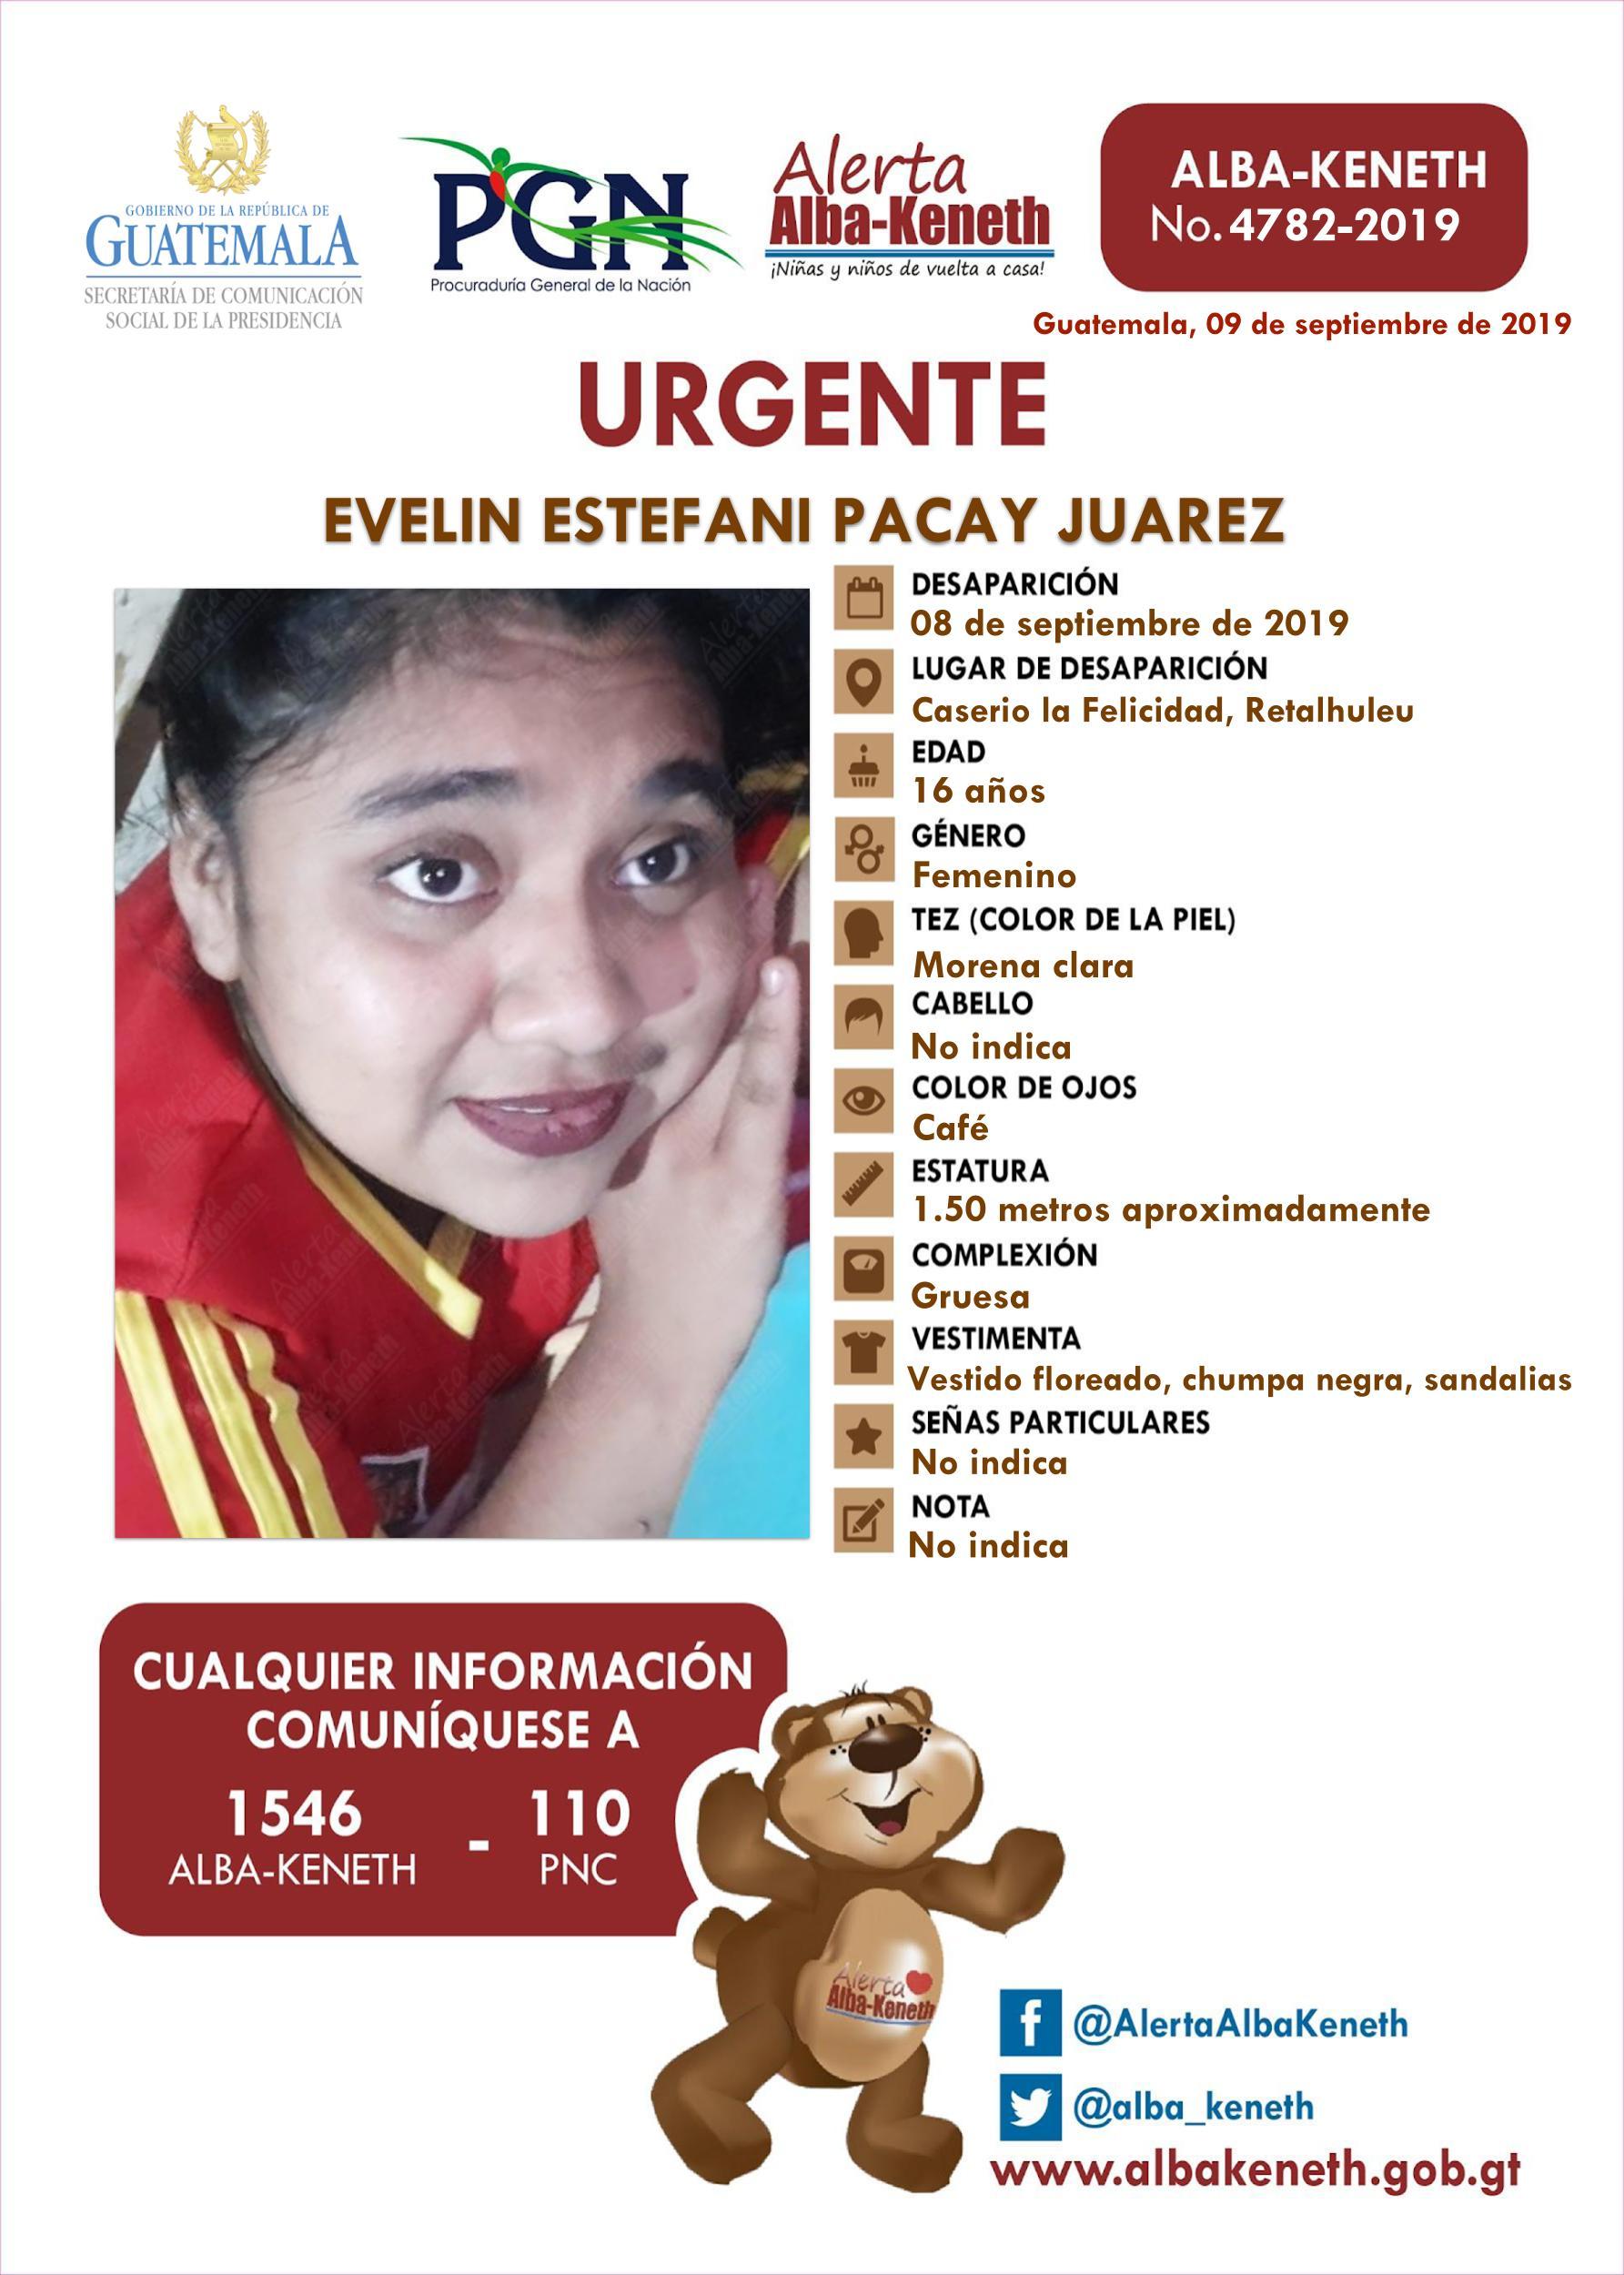 Evelin Estefani Pacay Juarez